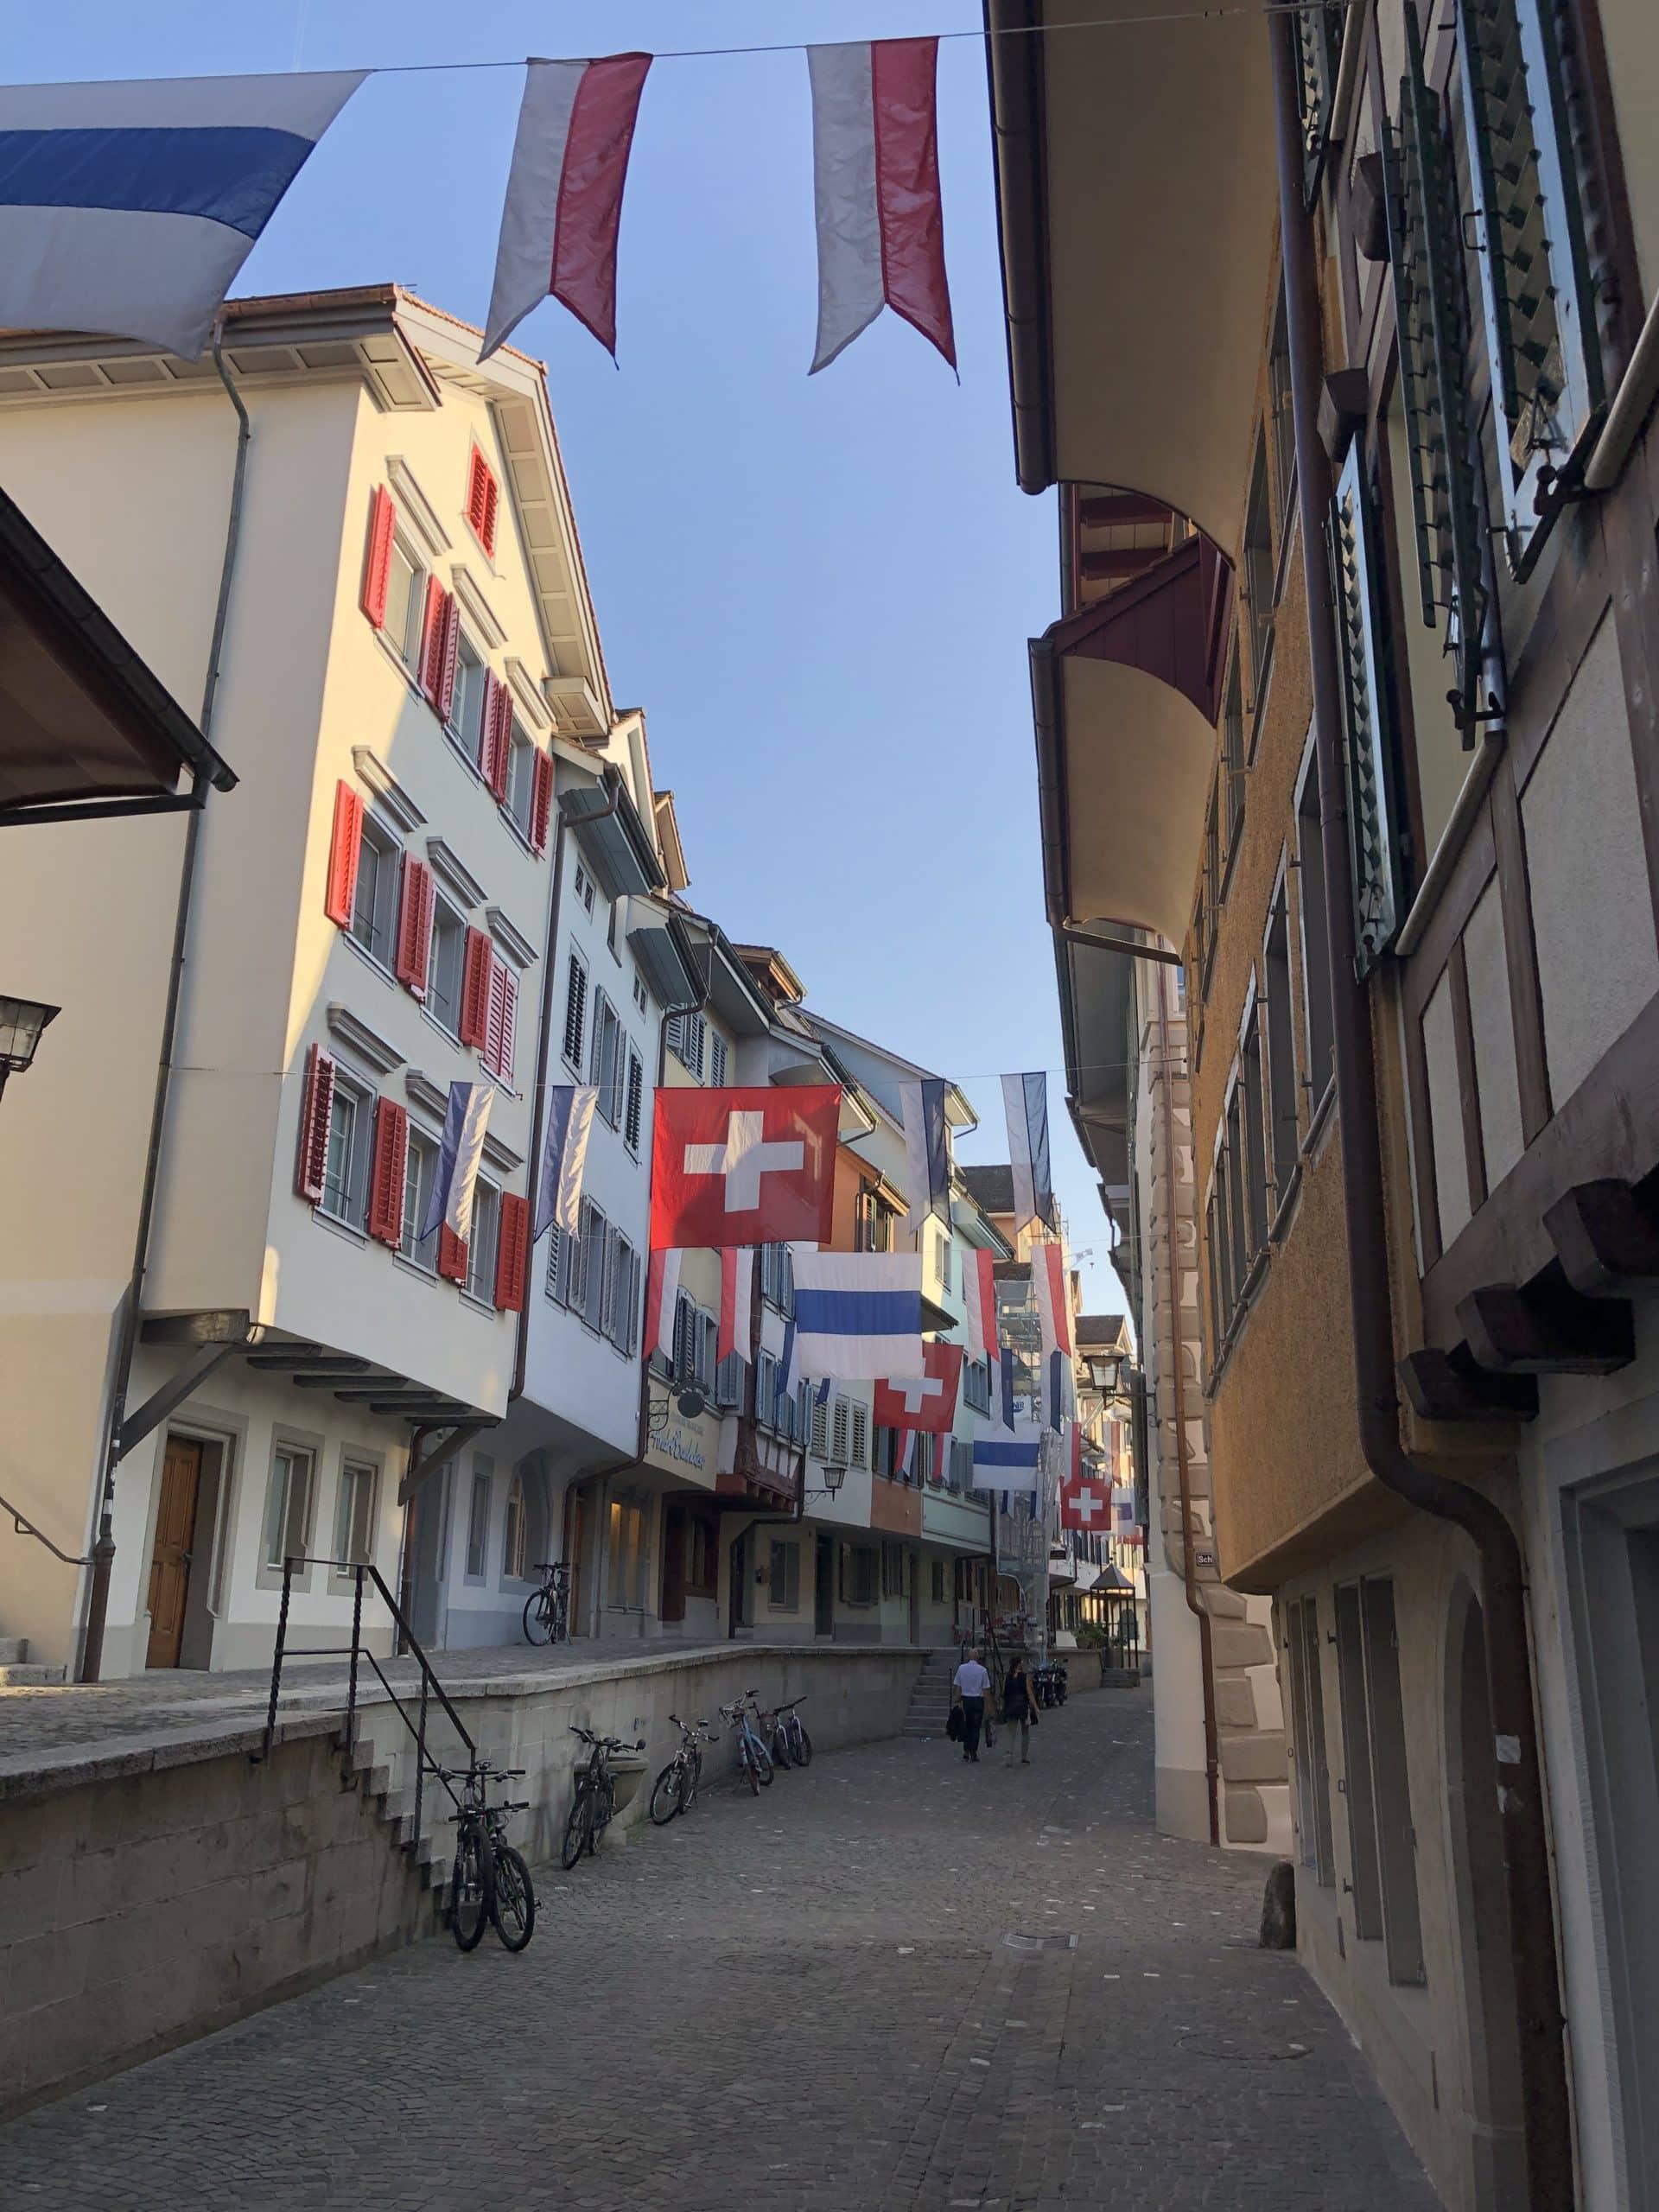 Zug street of shop